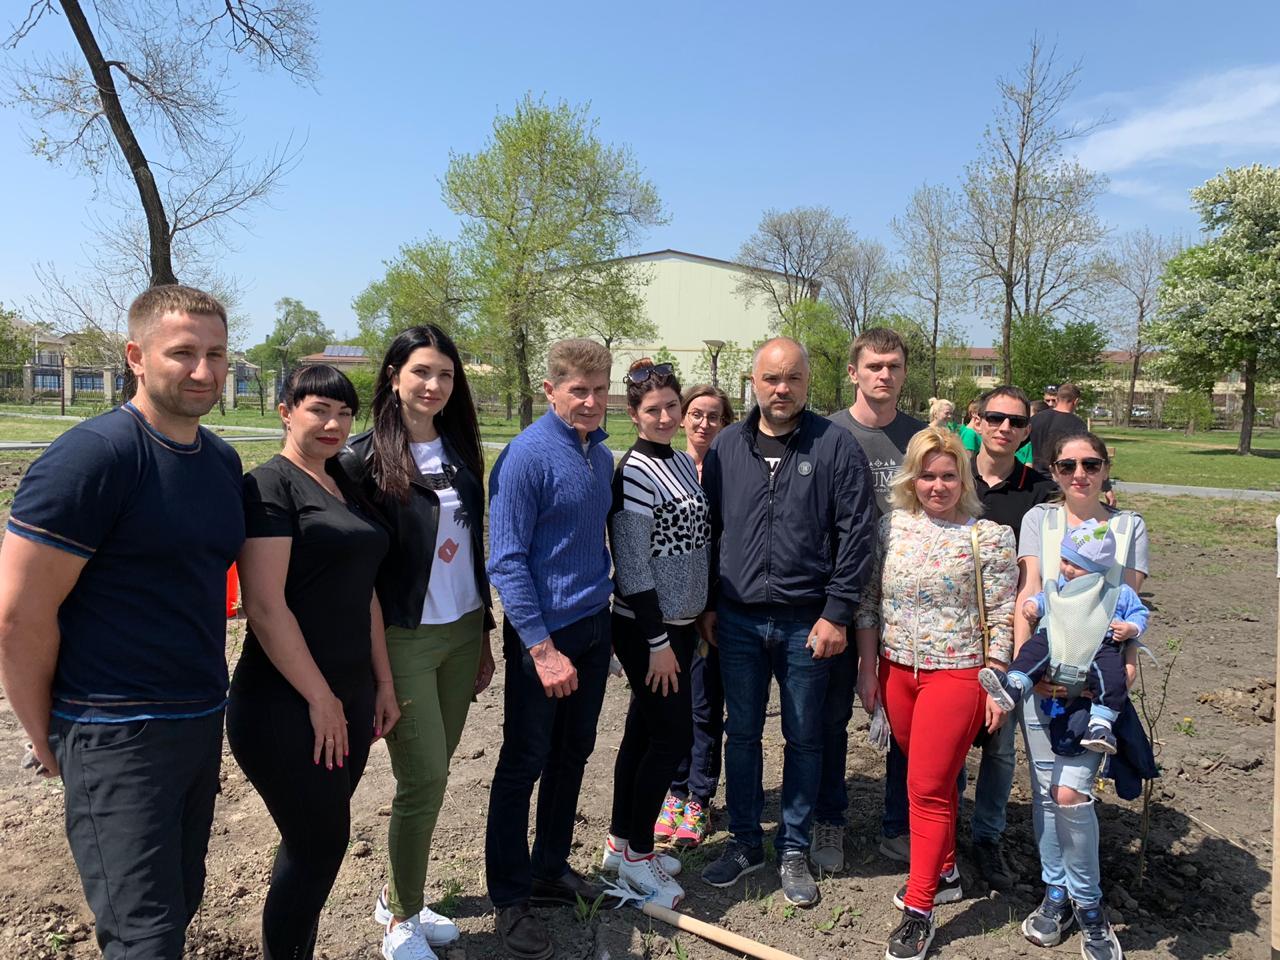 В воскресенье «ОПОРА РОССИИ» приняла участие в мероприятии по посадке деревьев в парке им. Чумака г. Уссурийска.